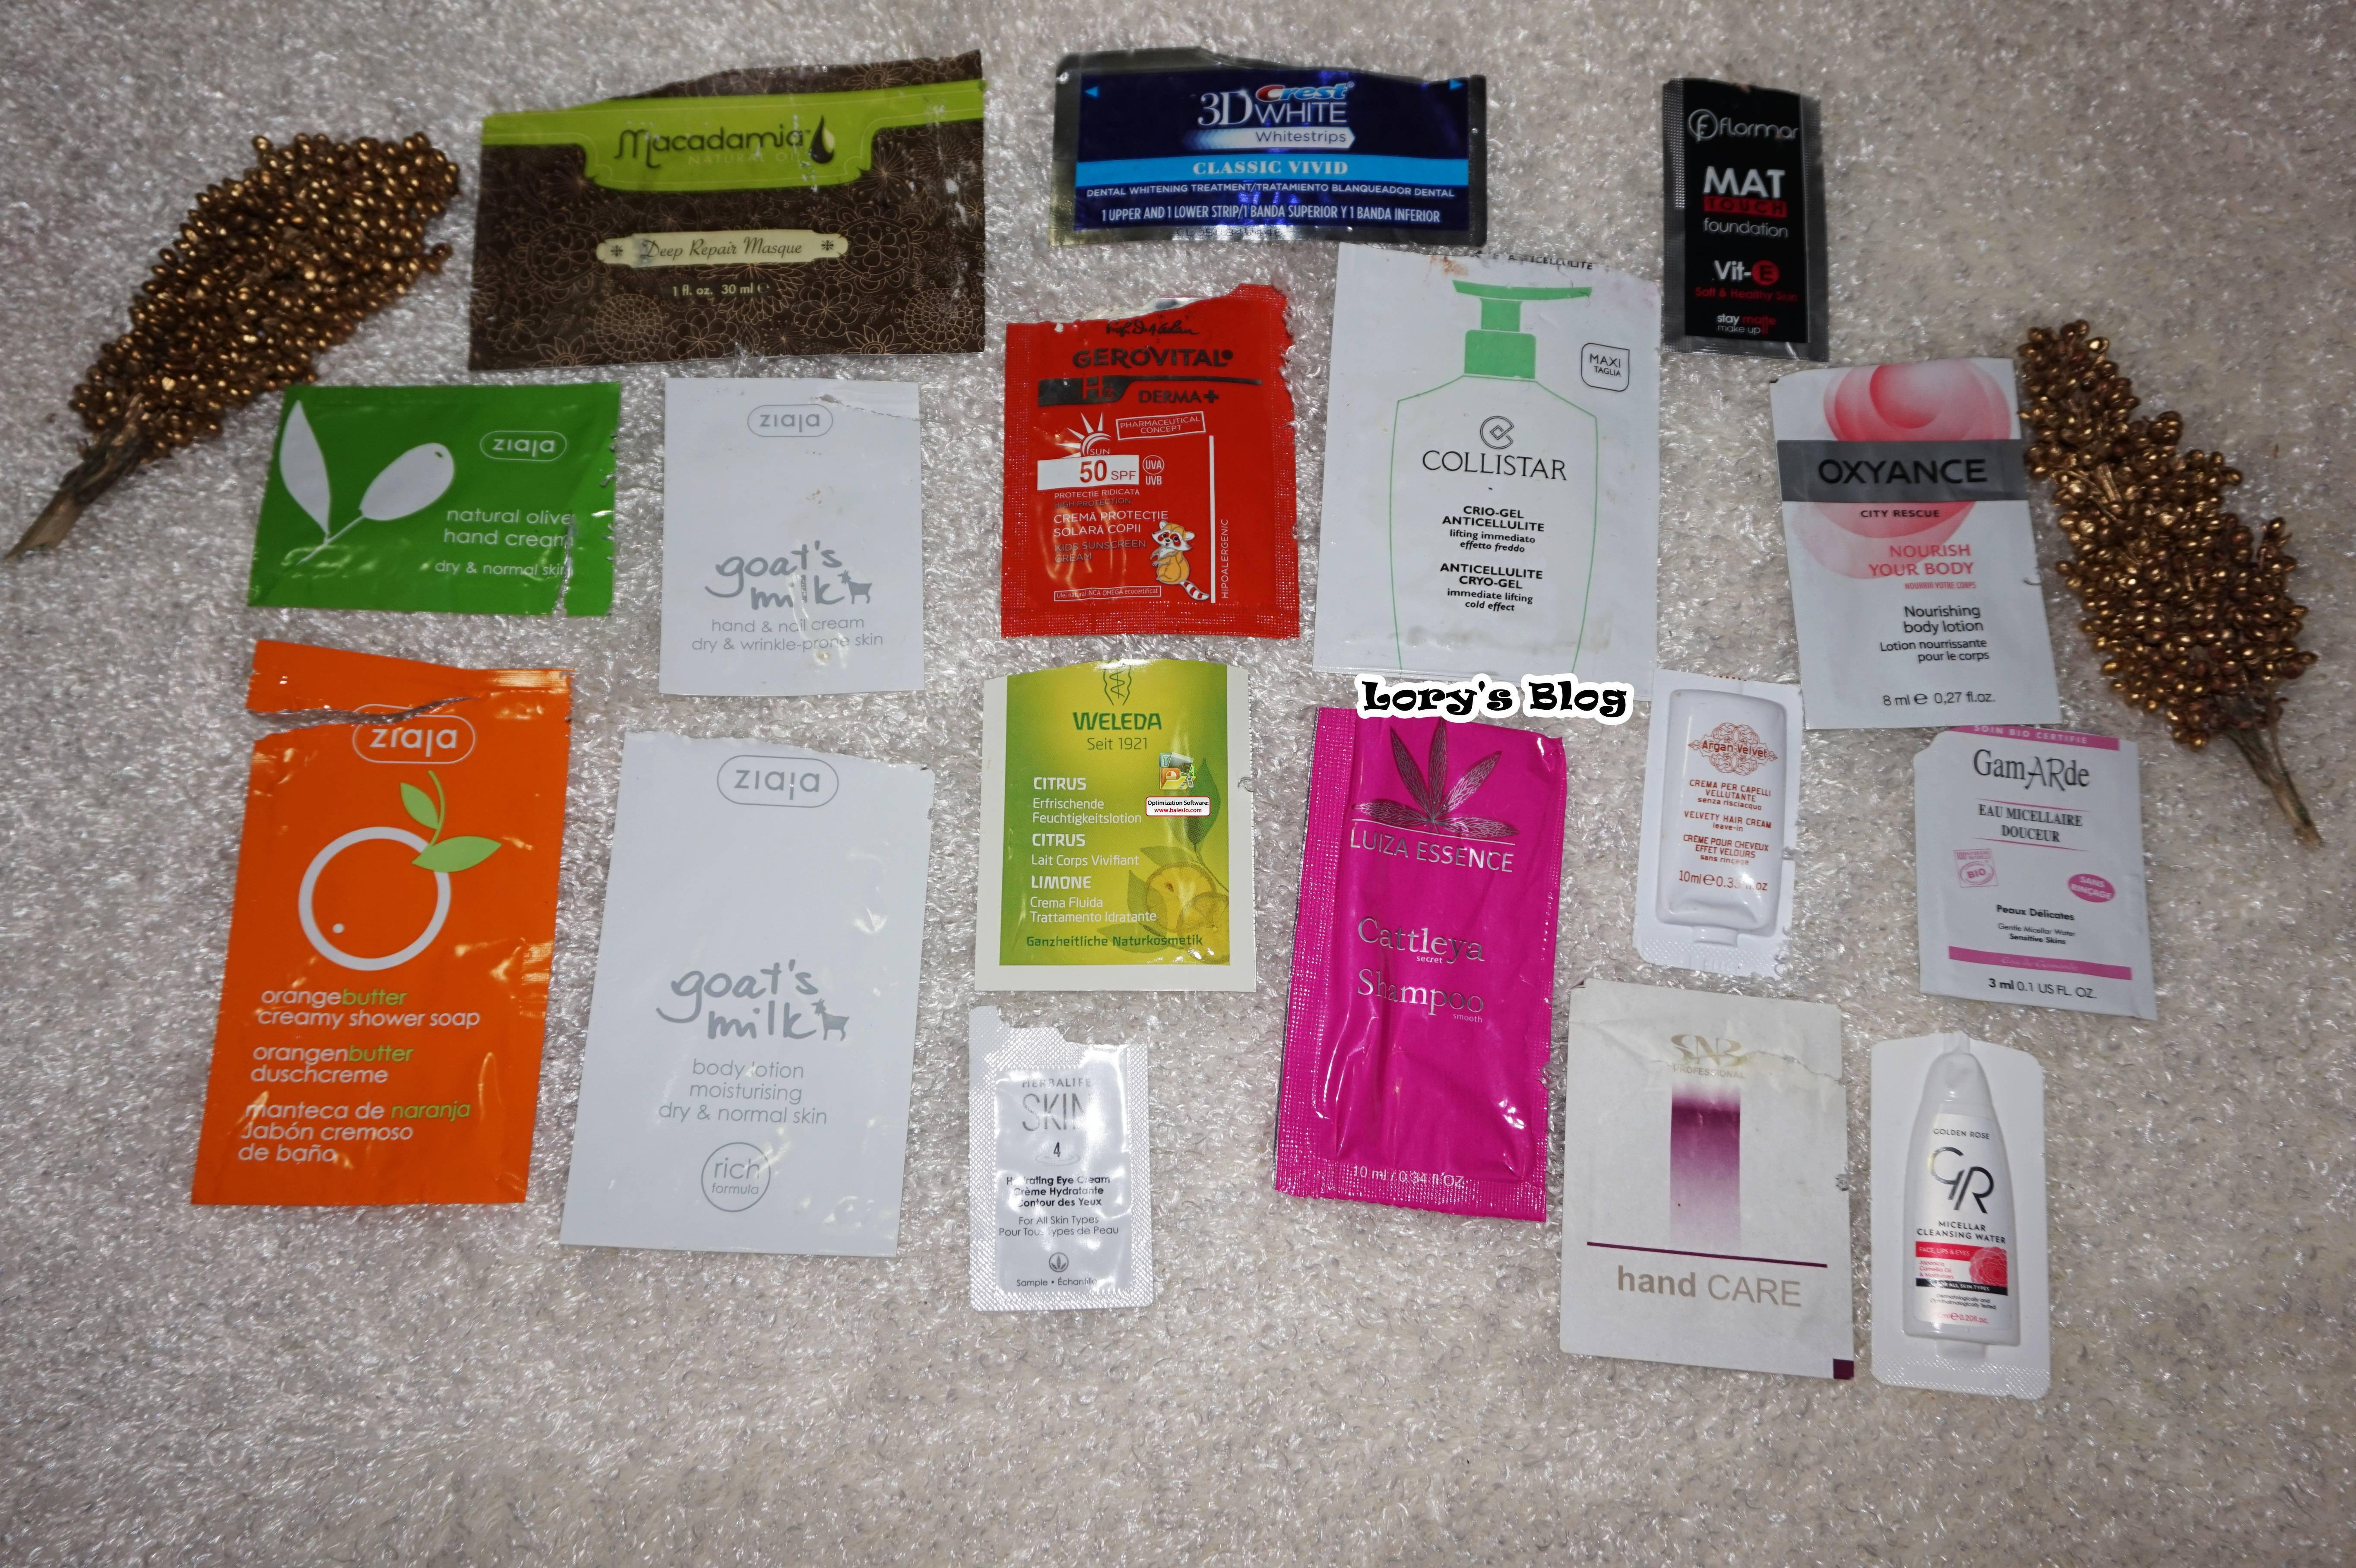 produse-consumate-mostre(FILEminimizer)